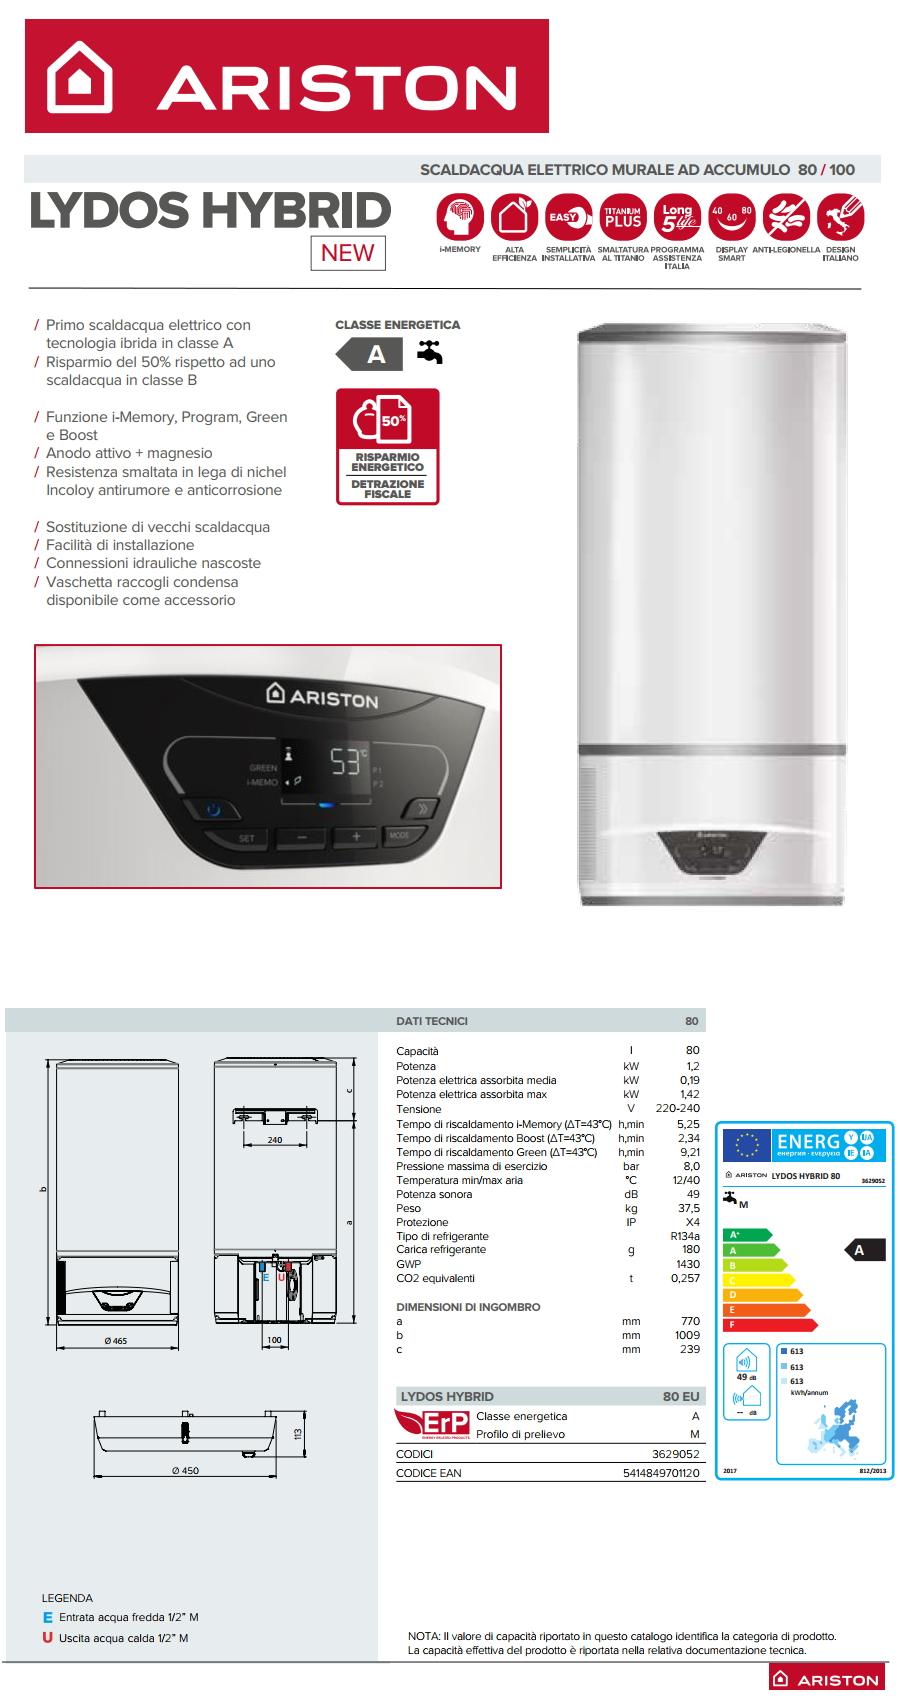 Scaldabagno elettrico e pompa di calore ibrido lydos hybrid 80 ariston 80 litri climamarket - Scaldabagno pompa di calore ariston ...